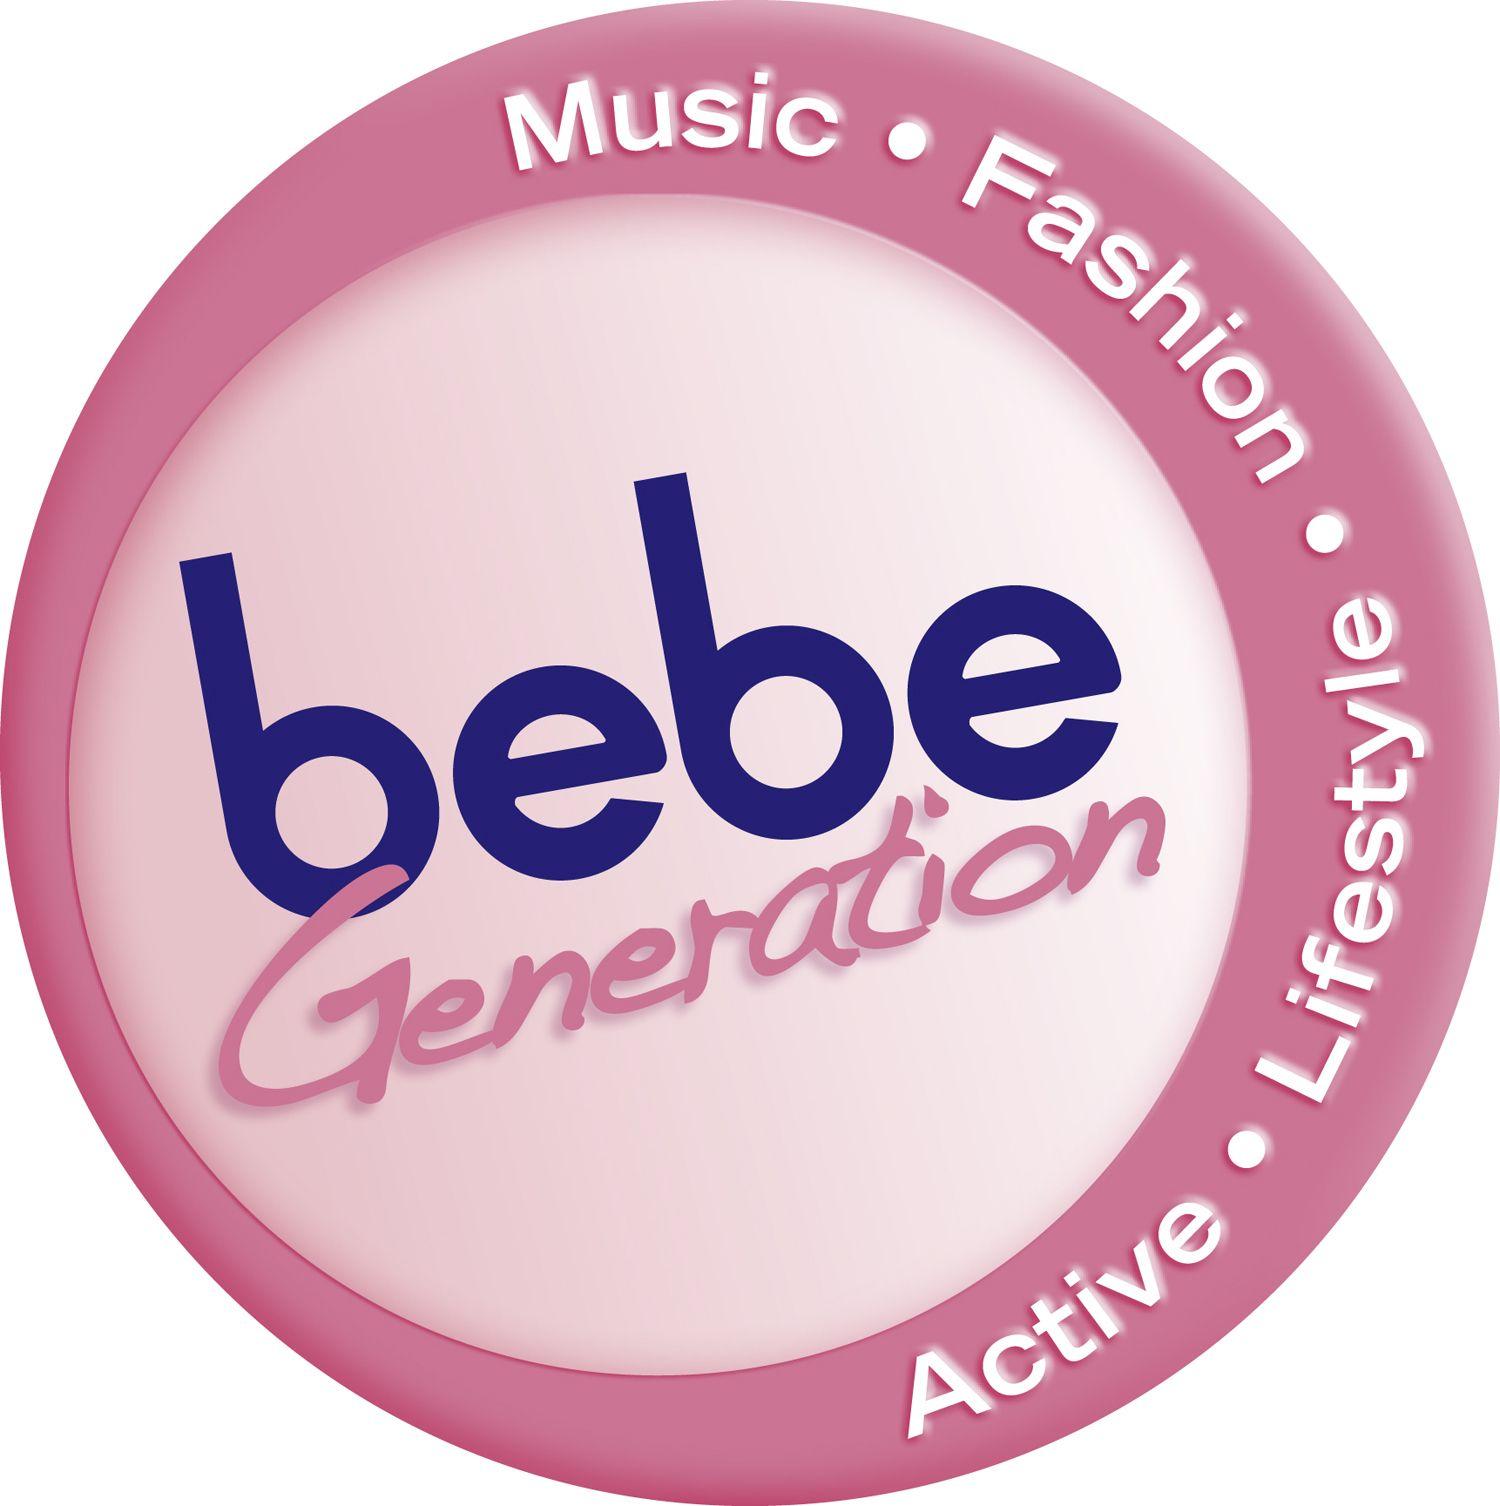 Bebe Logo | Download 300dpi